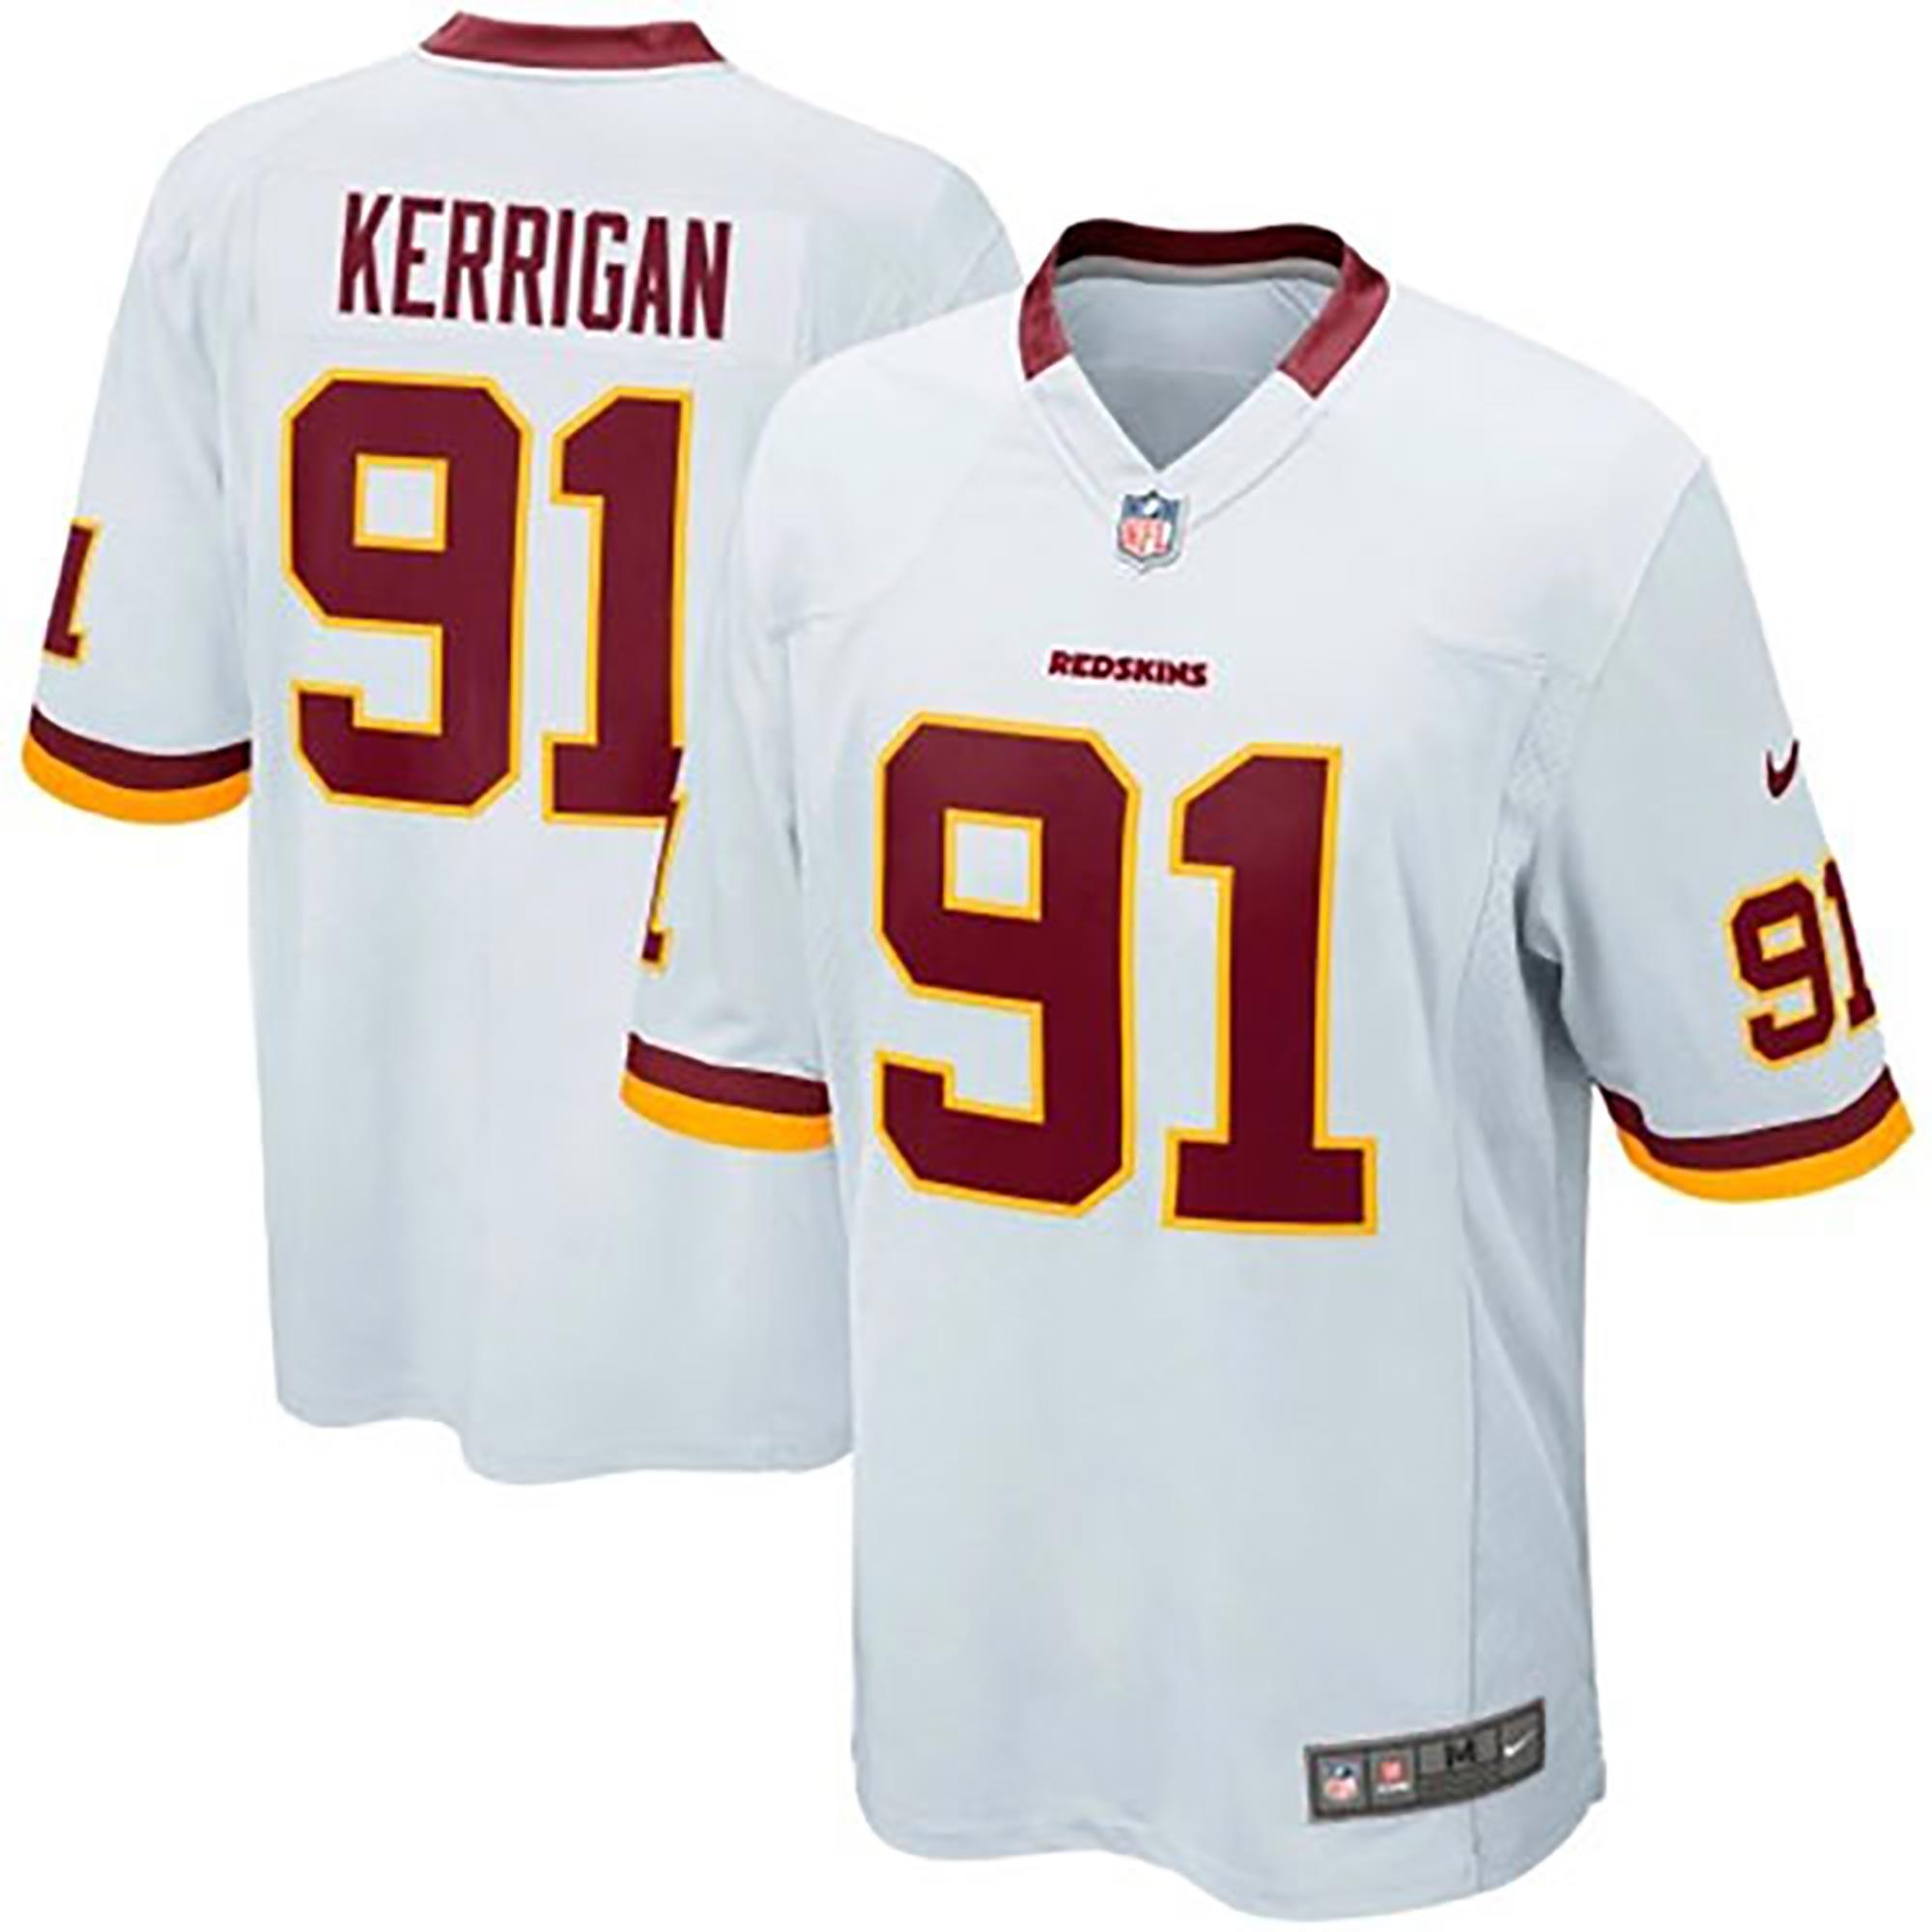 Washington Redskins Auswärtstrikot – Ryan Kerrigan – Herren